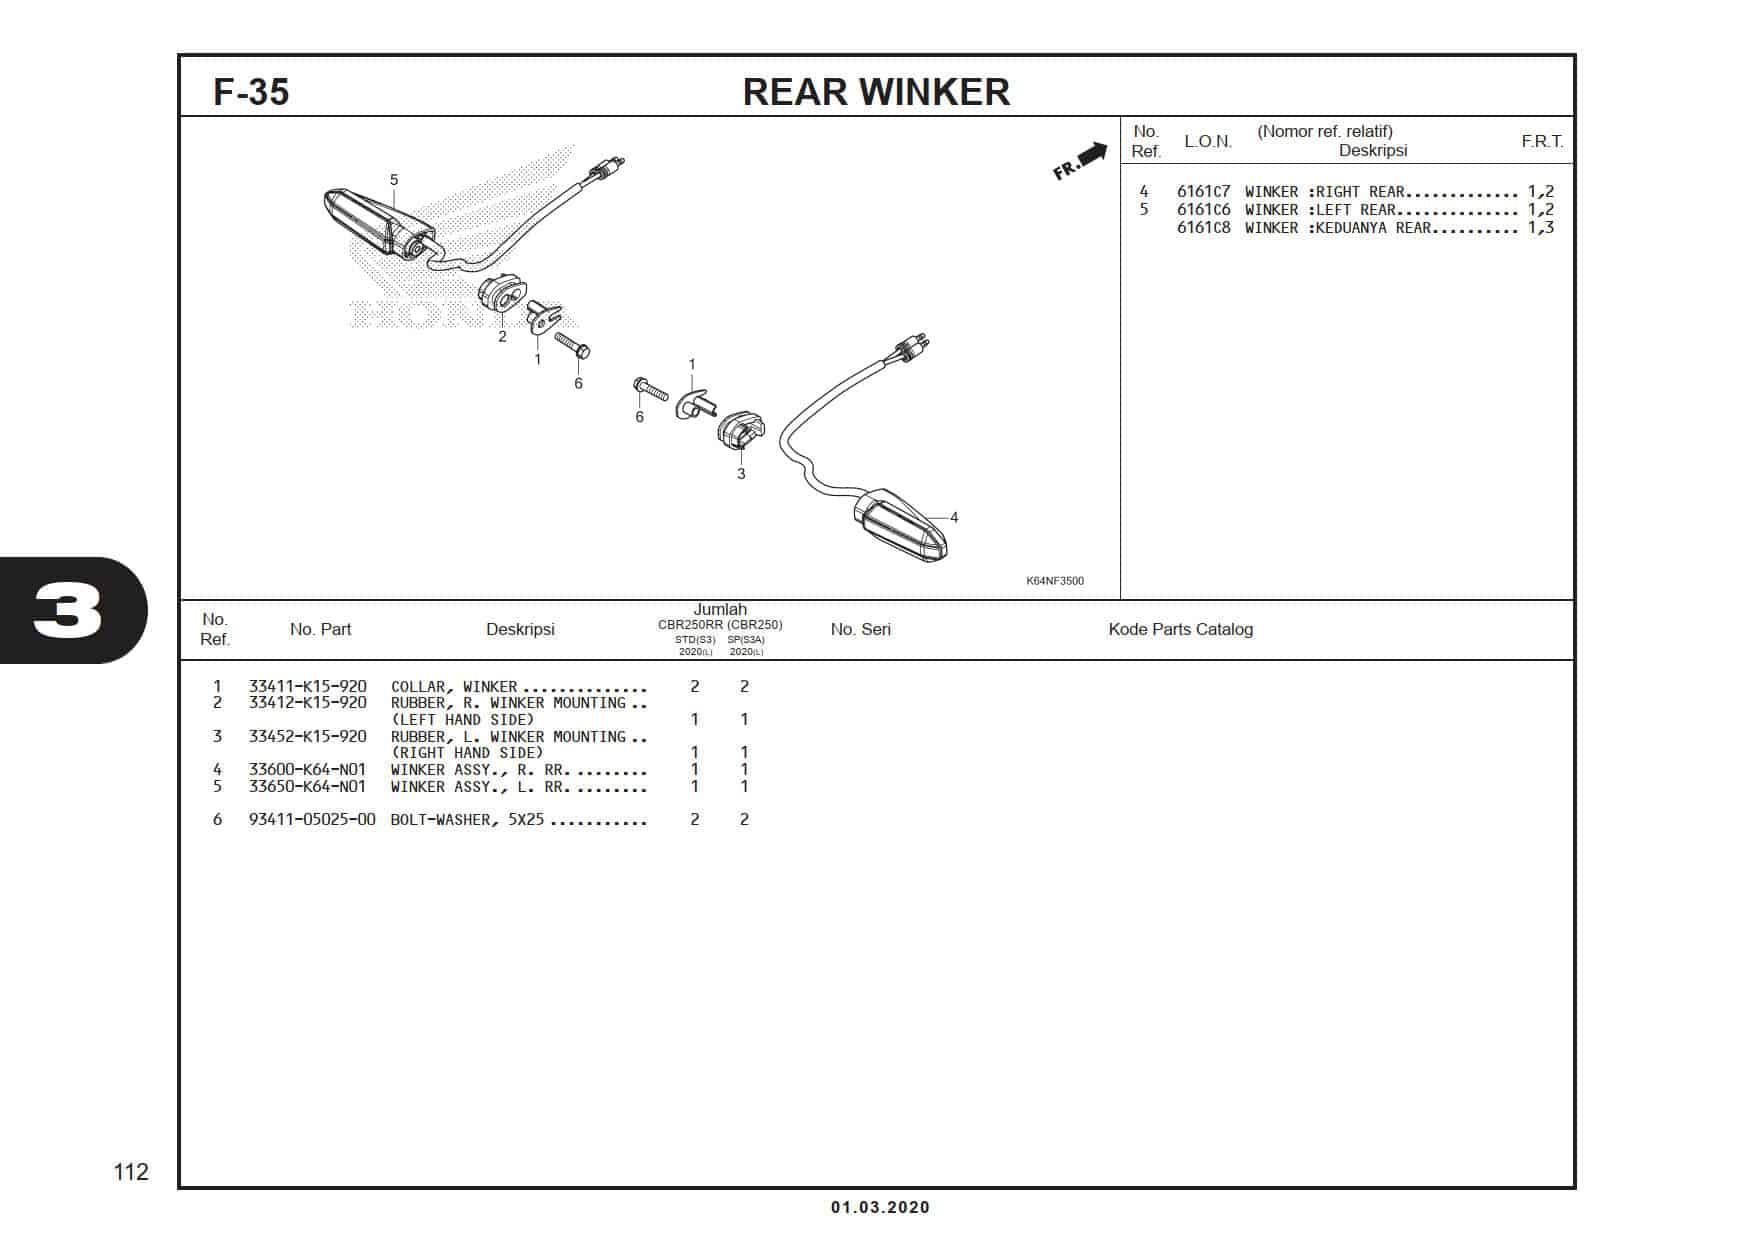 F-35 Rear Winker